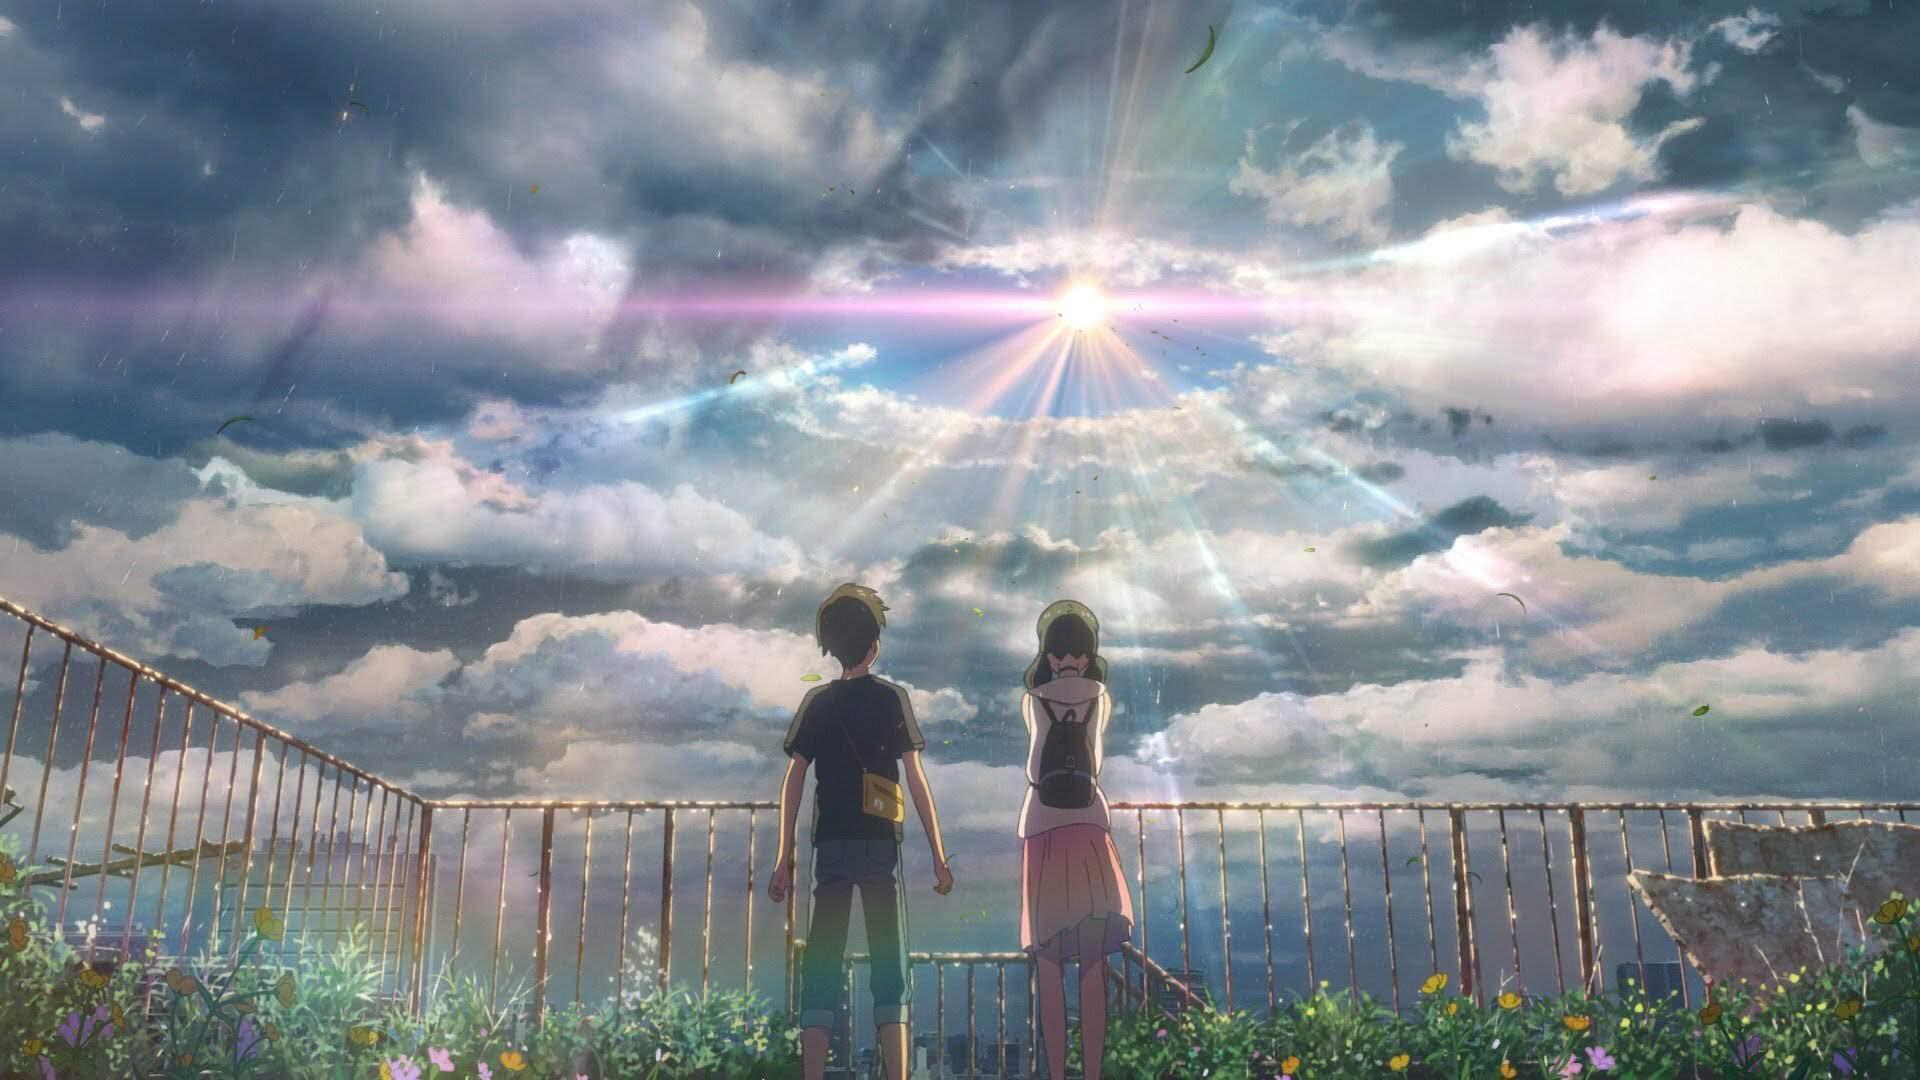 新海誠 自爆《 天氣之子 》靈感來自偶像女團 虹彩征服者( 虹のコンキスタドール )的這首曲子!